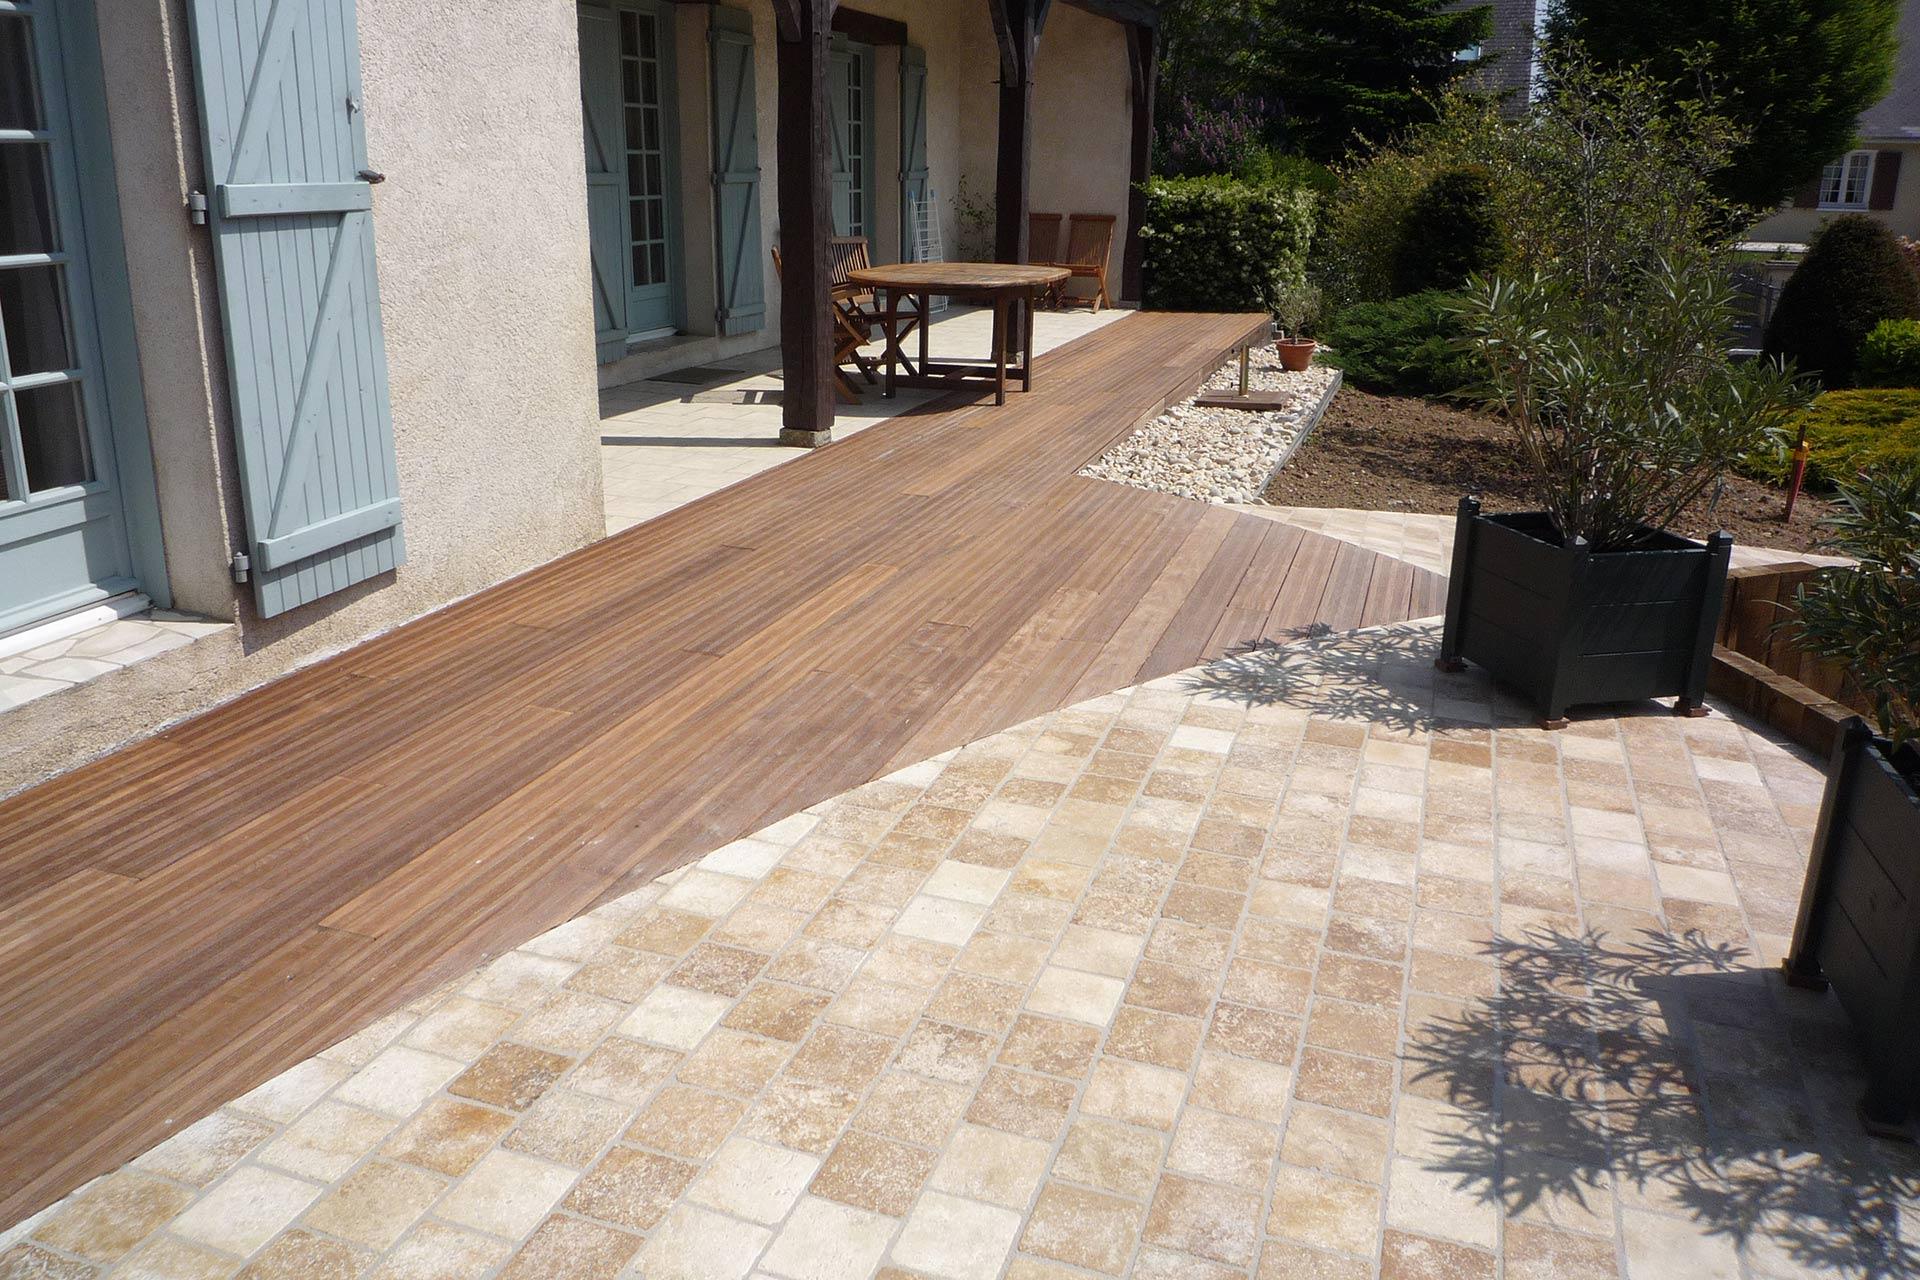 Entreprise d'architecture paysagère, Serrault Jardins vous propose des terrasses en travertin ou lames bois.